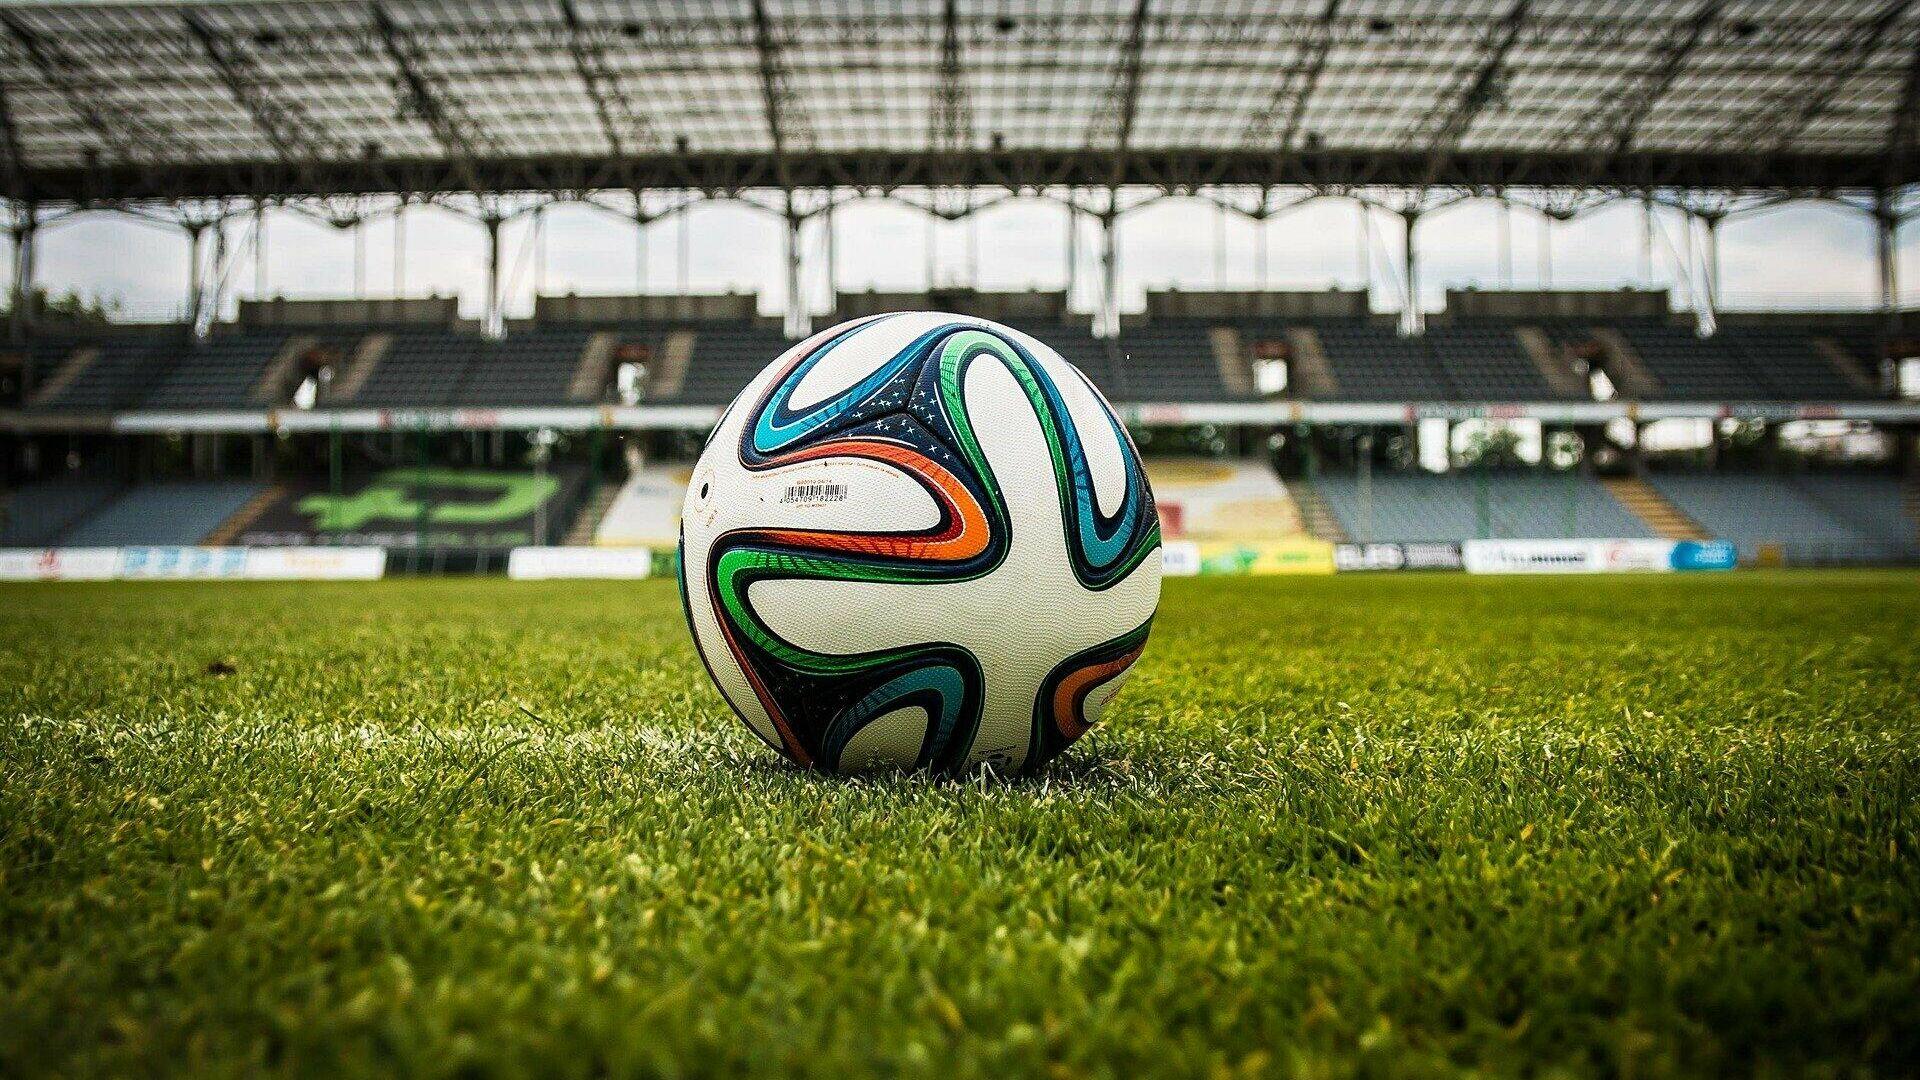 Fußball (Symbolbild) - SNA, 1920, 08.07.2021